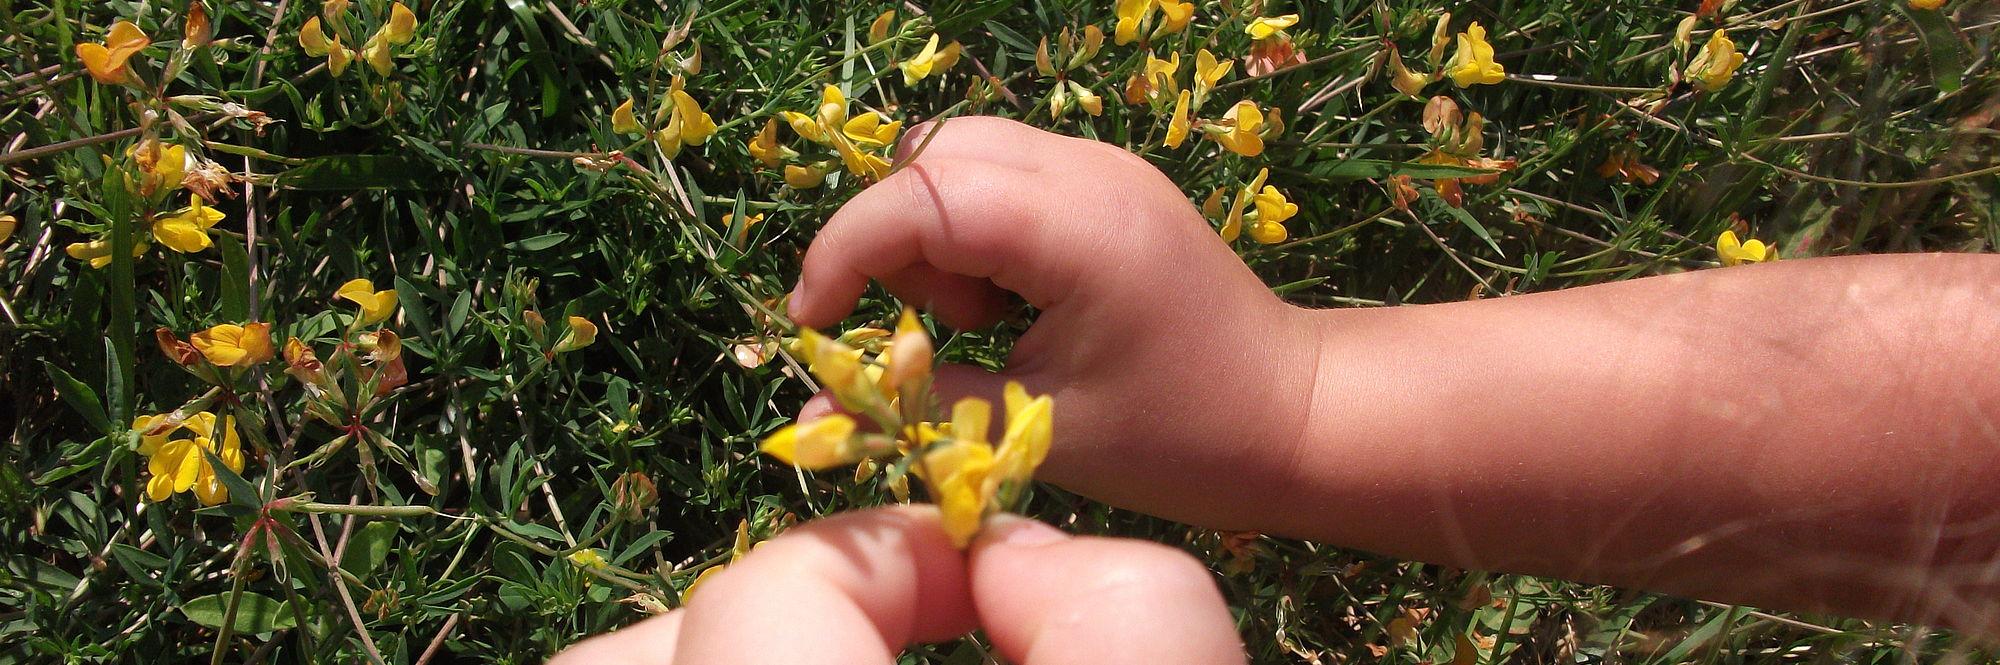 foto con le mani di una bambina che raccoglie i fiori gialli in giardino